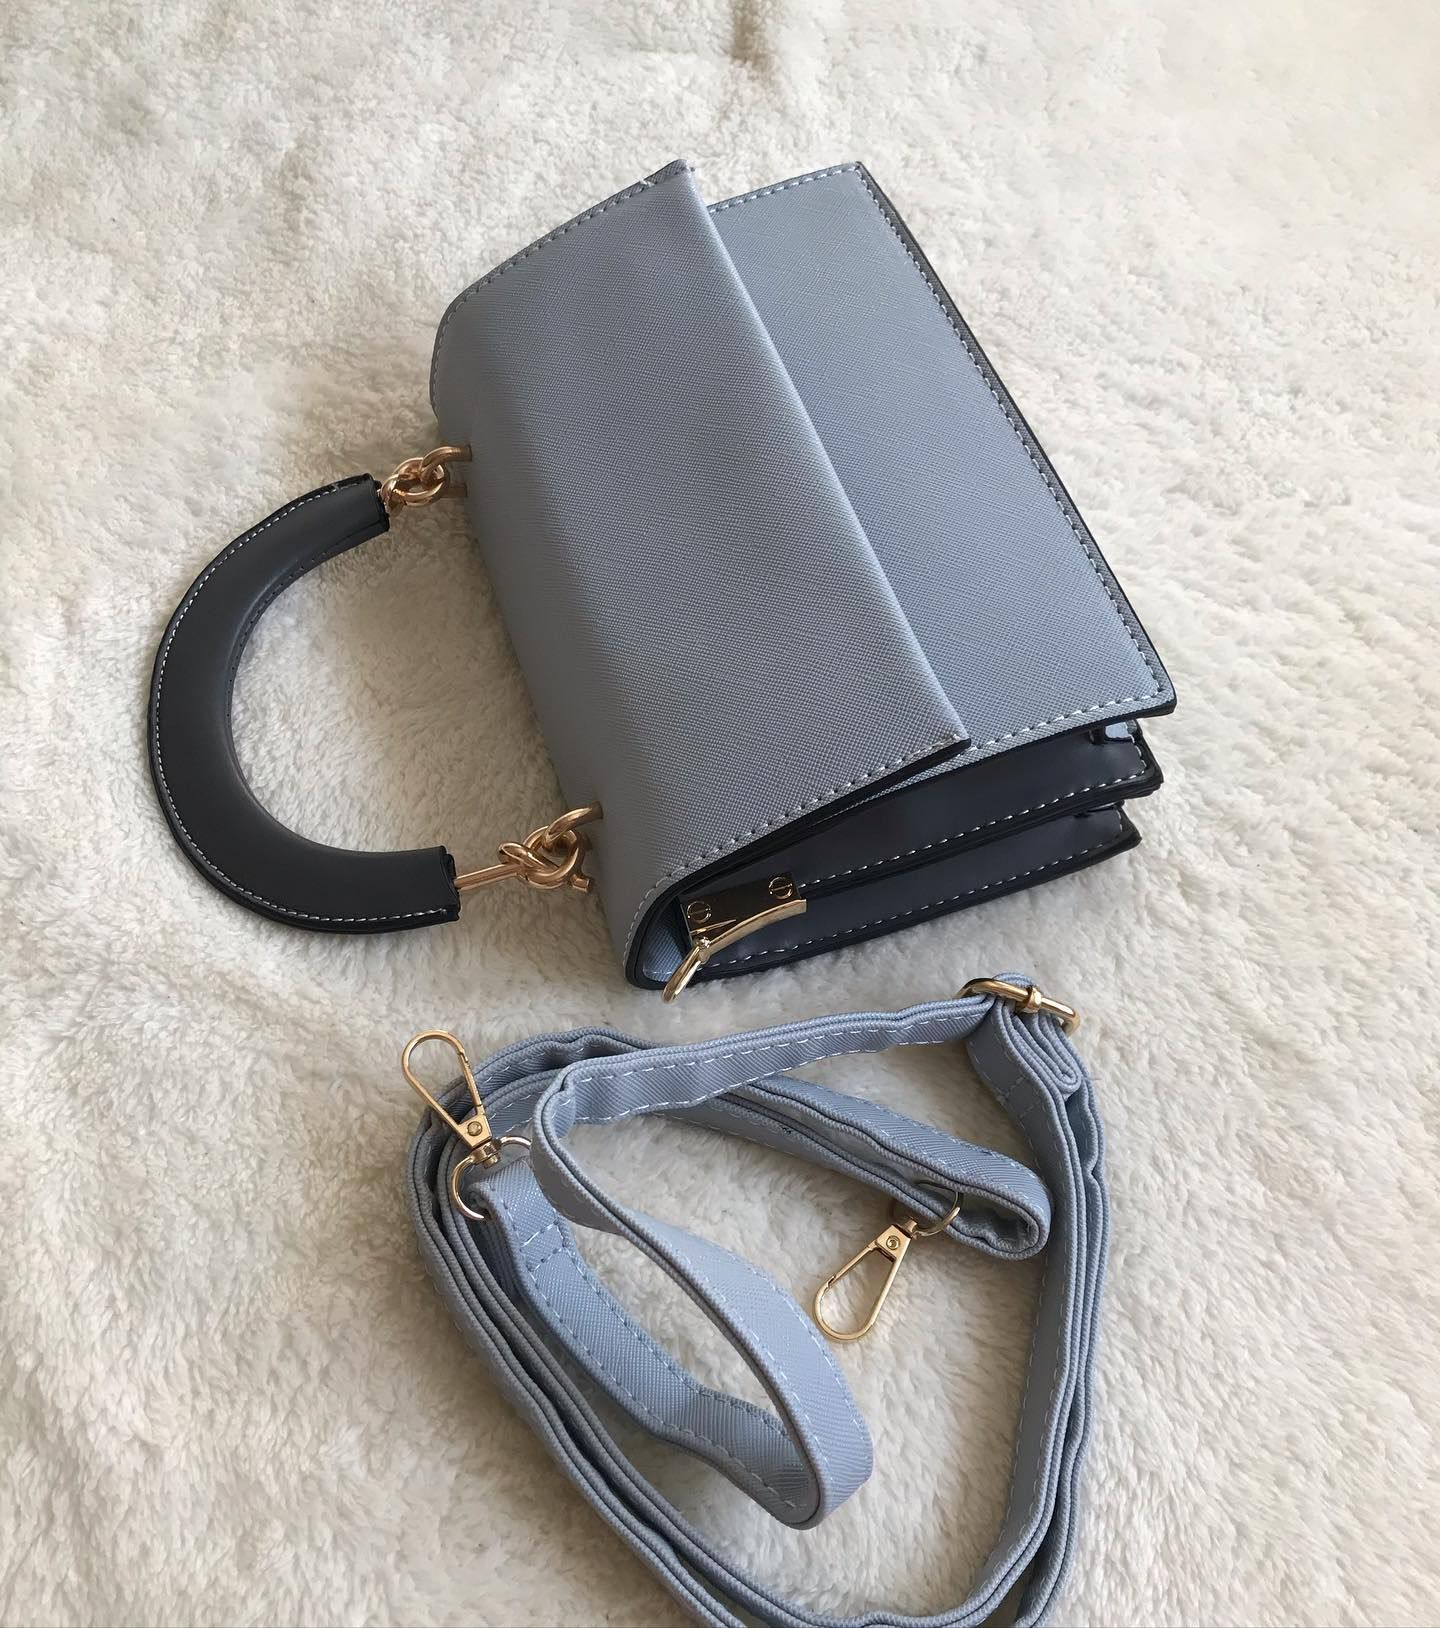 وفرت لكم موديلات جديدة شنطة نسائي راقي سعر ٩٥ 290990 Bags Wristlet Fashion